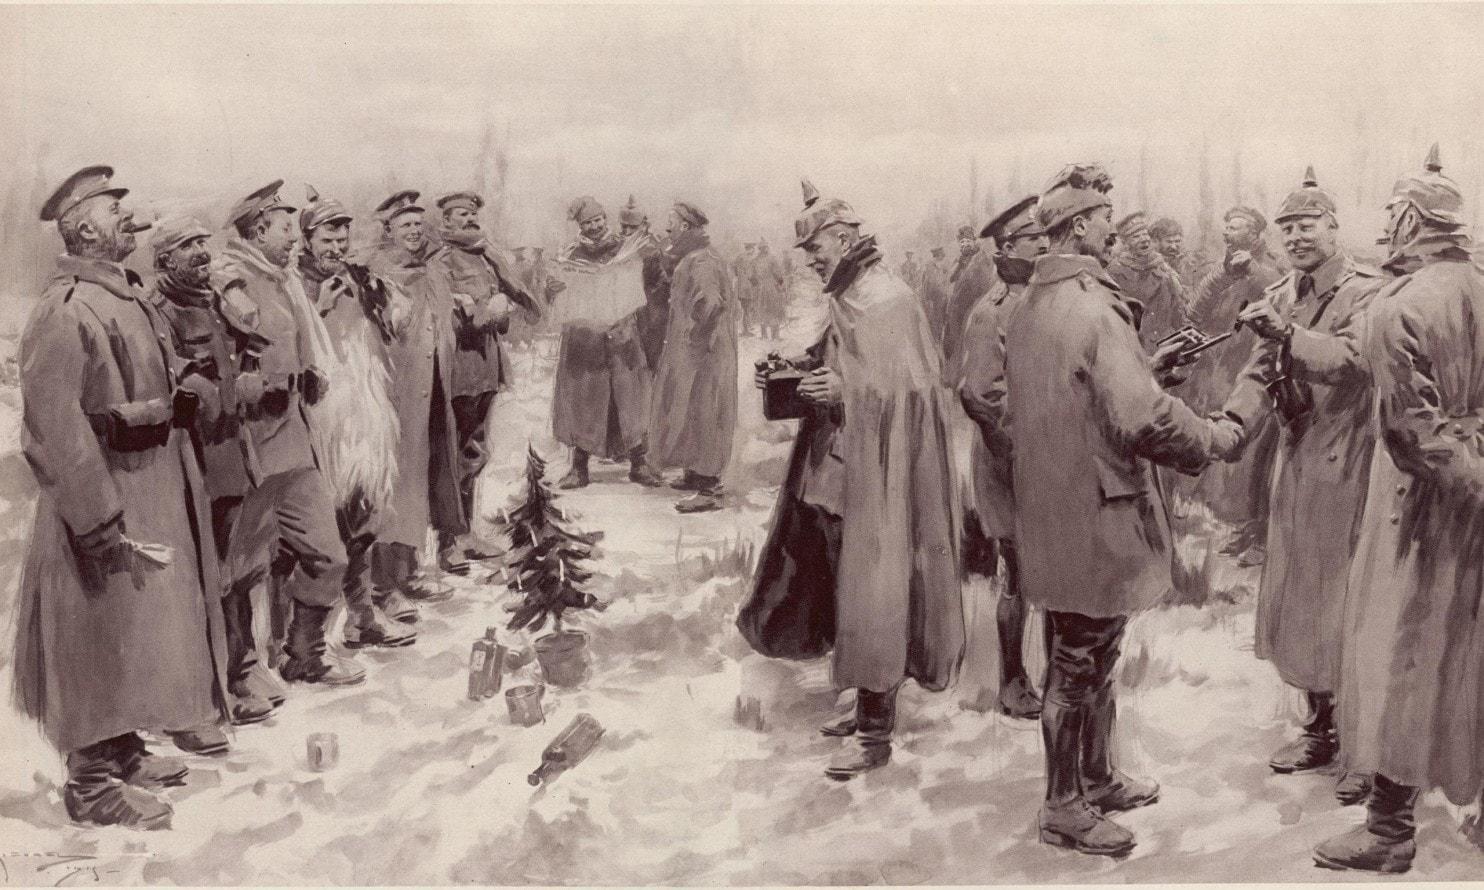 Phép lạ thỏa ước ngừng bắn ngày Giáng sinh: Chiến Binh buông súng và hát những bài ca mừng Giáng sinh truyền thống và uống rượu